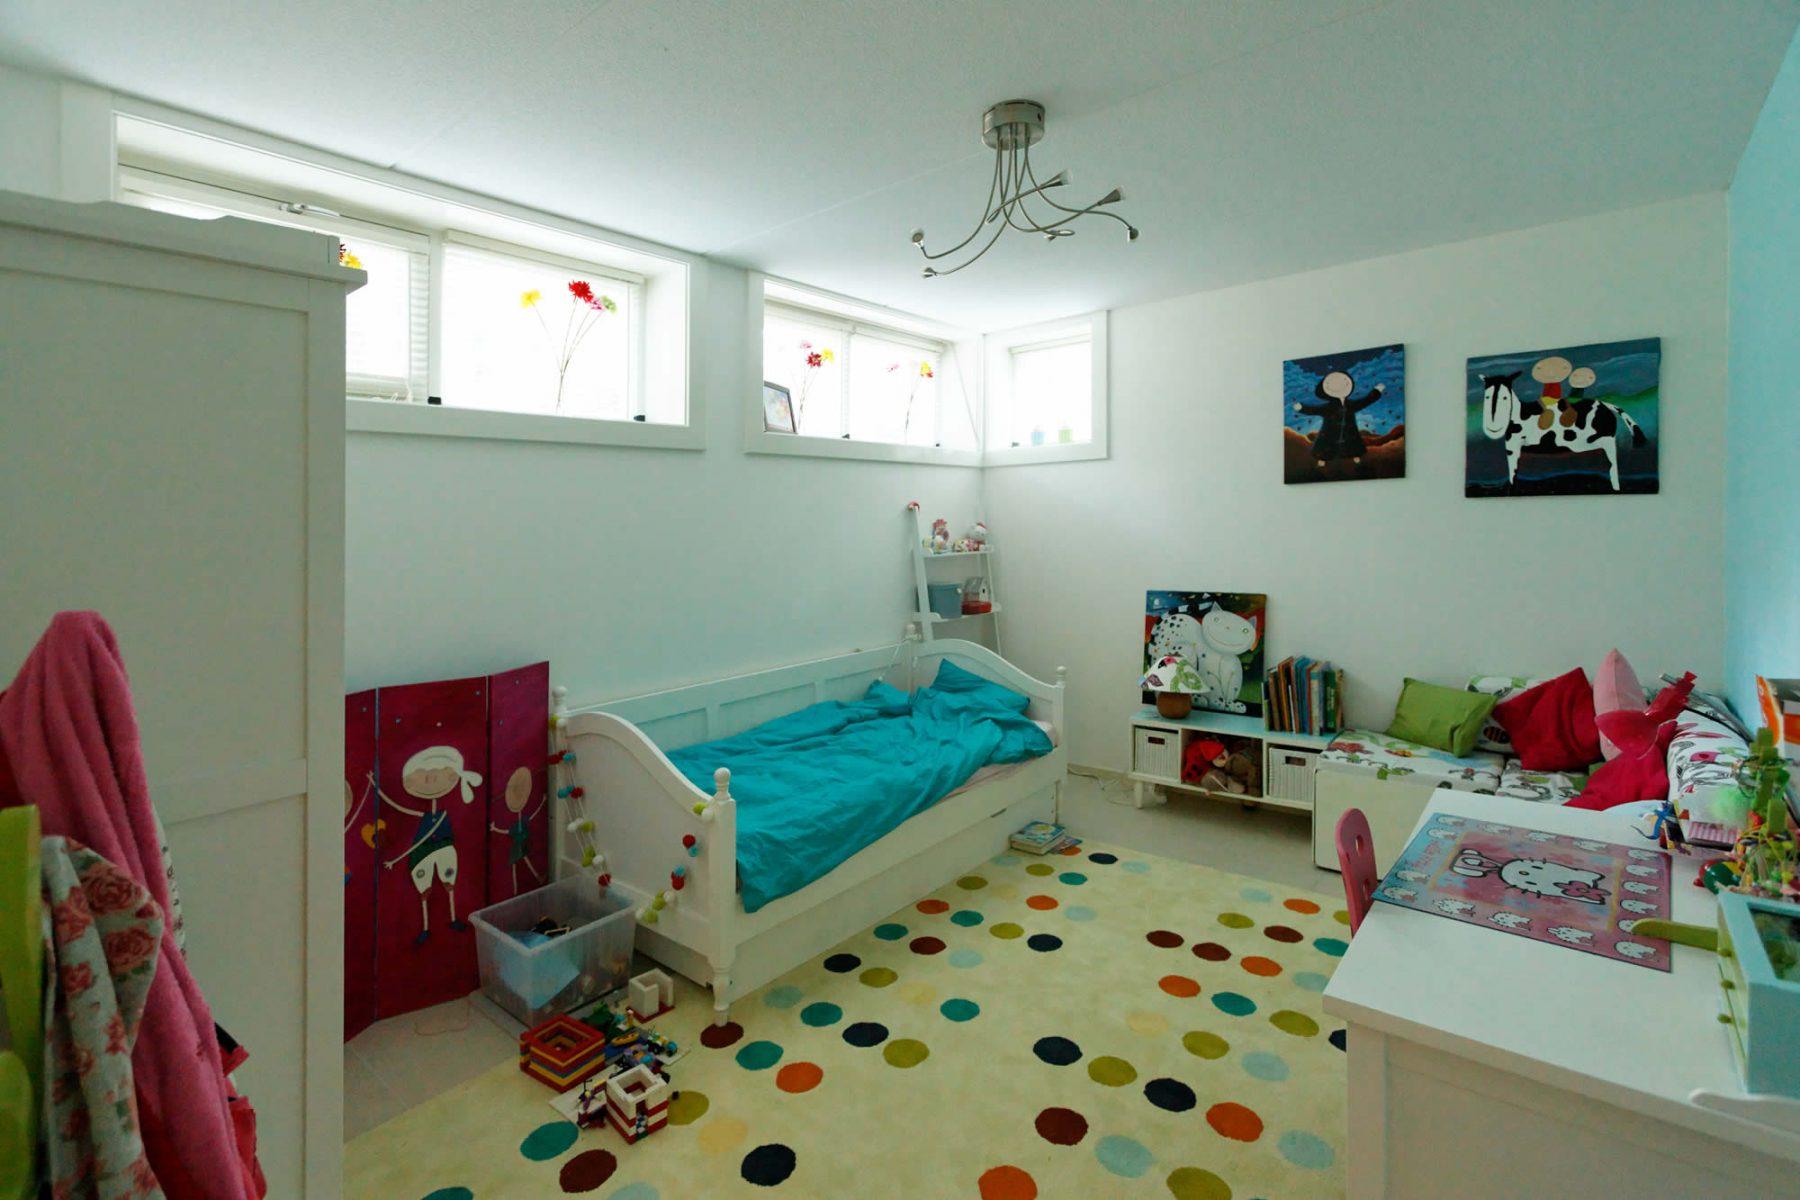 het souterrain bevindt zich een extra slaapkamer, twee werkkamers, badkamer met sauna, een speelkamer en genoeg bergruimte